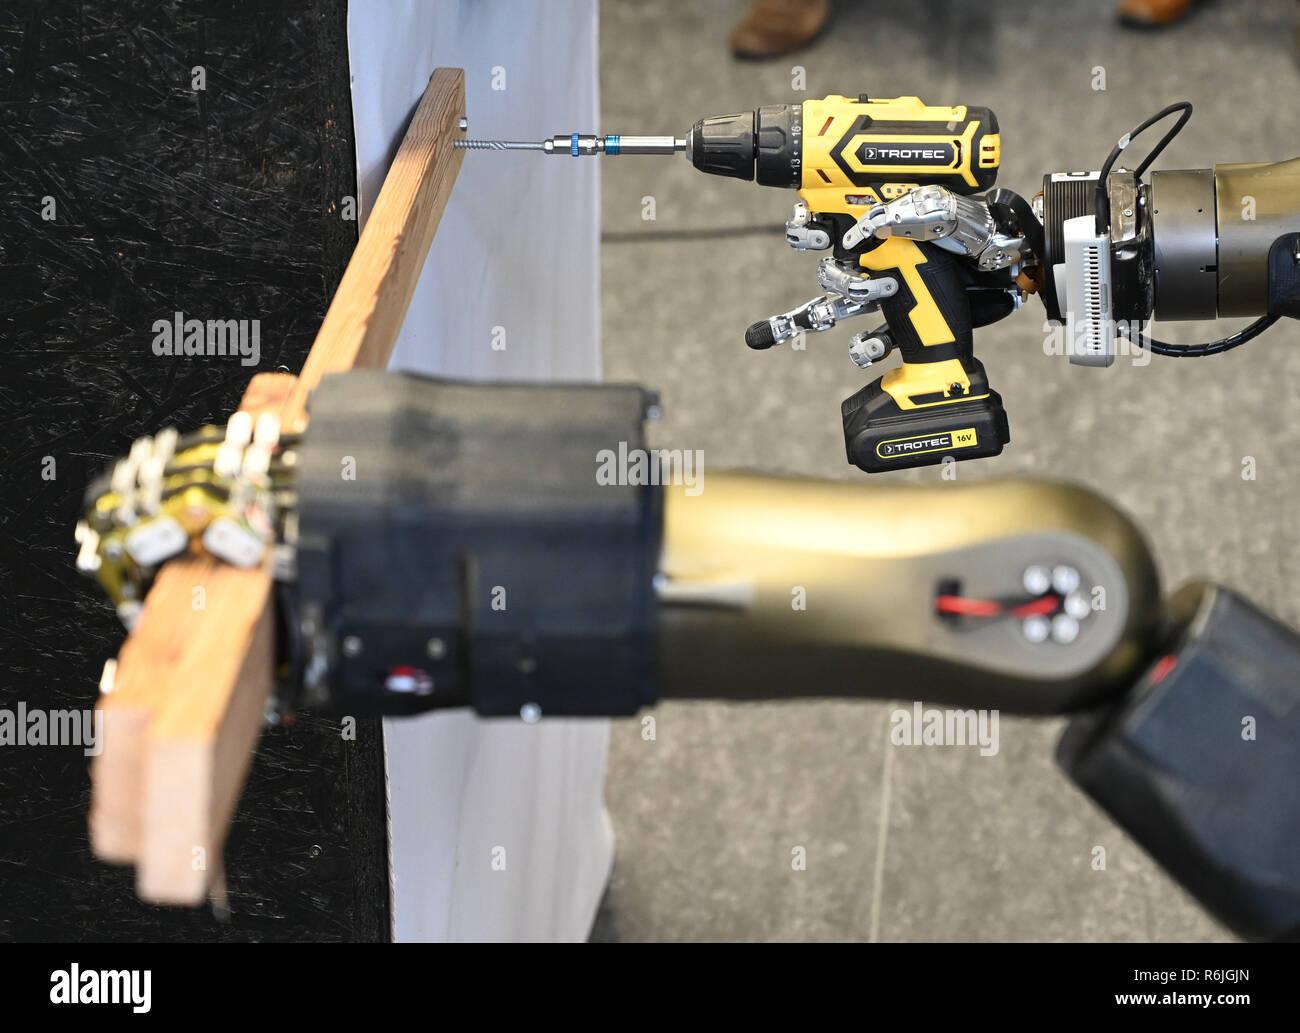 e83db6d23e El robot  Centauro  tornillos un listón de madera a una pared durante una  manifestación en la universidad. Crédito  Henning Kaiser dpa Alamy Live News